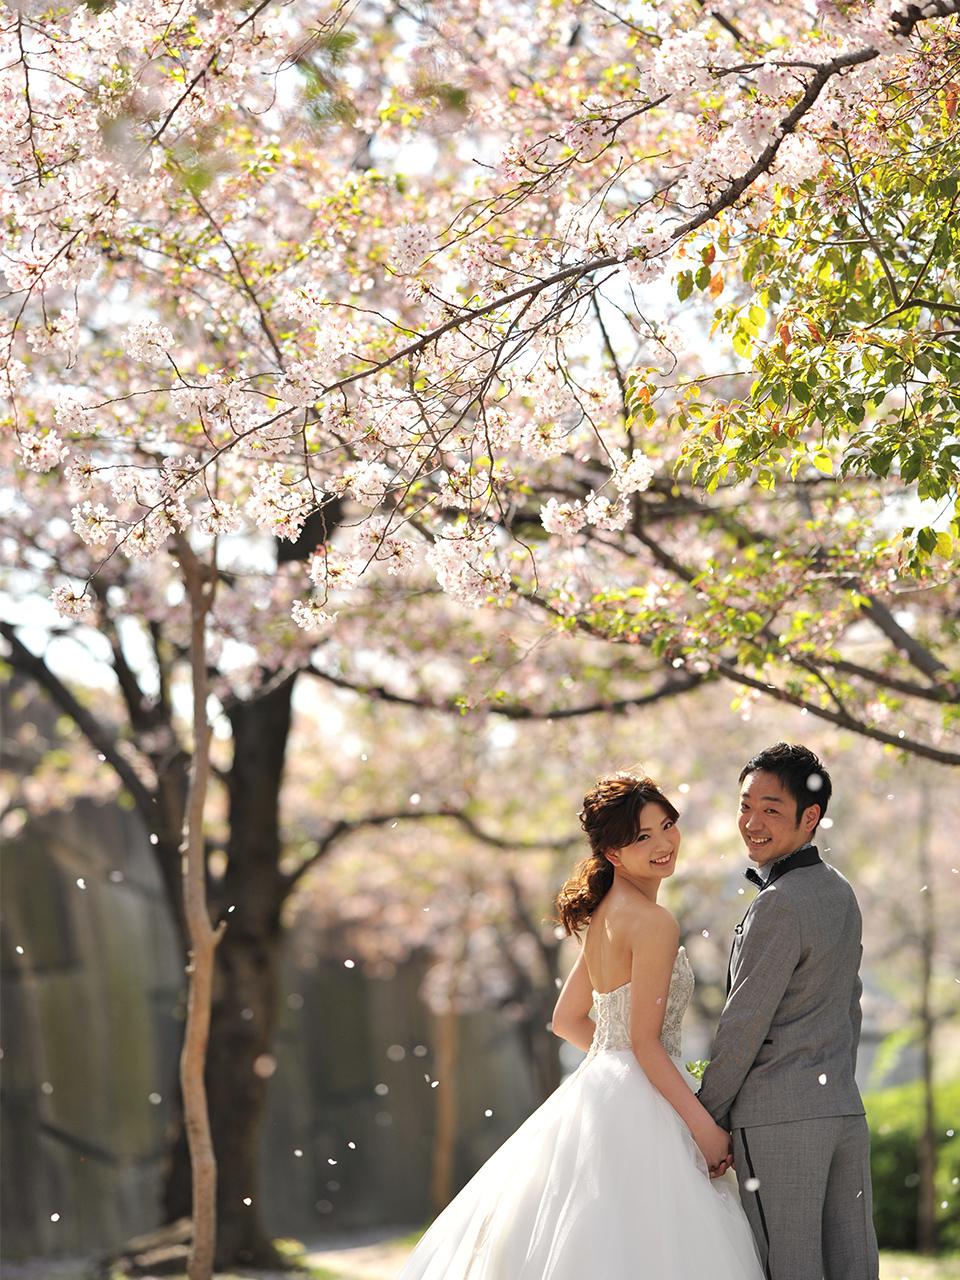 桜の木の下でドレスとタキシードをお召しになりほほえむお二人